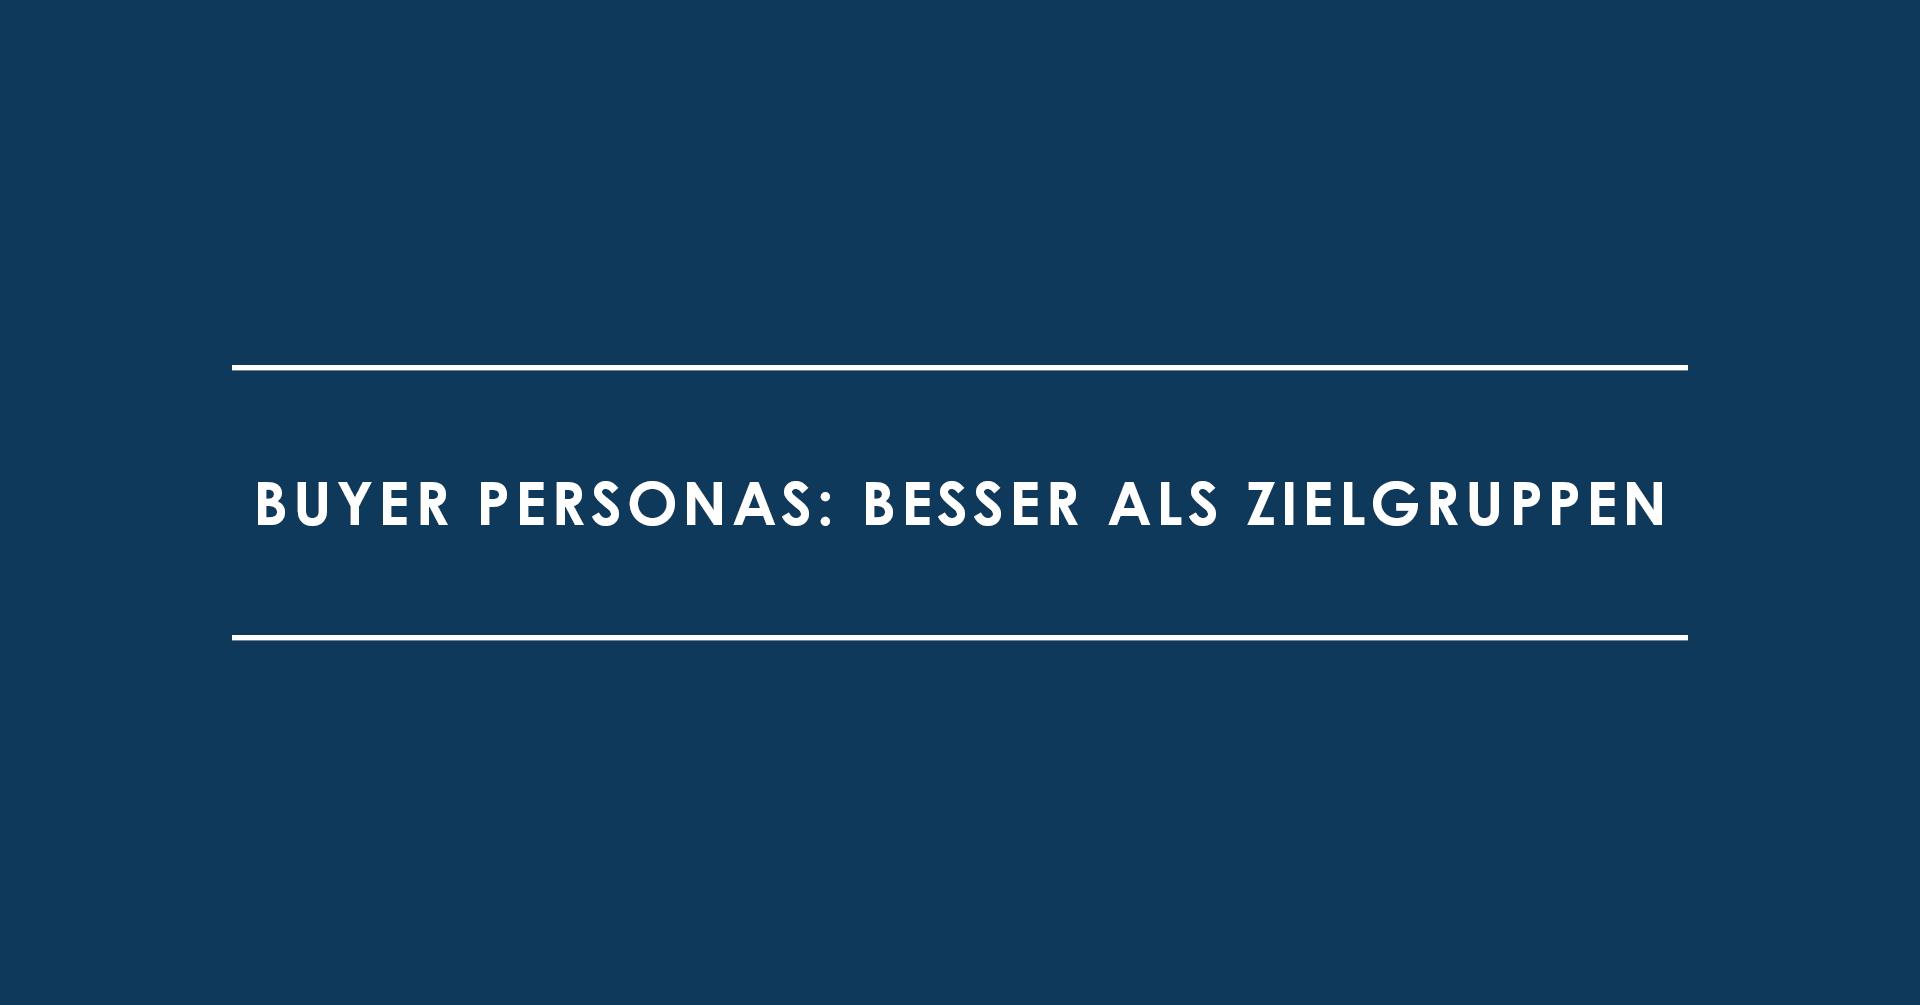 Buyer Personas: Besser als Zielgruppen